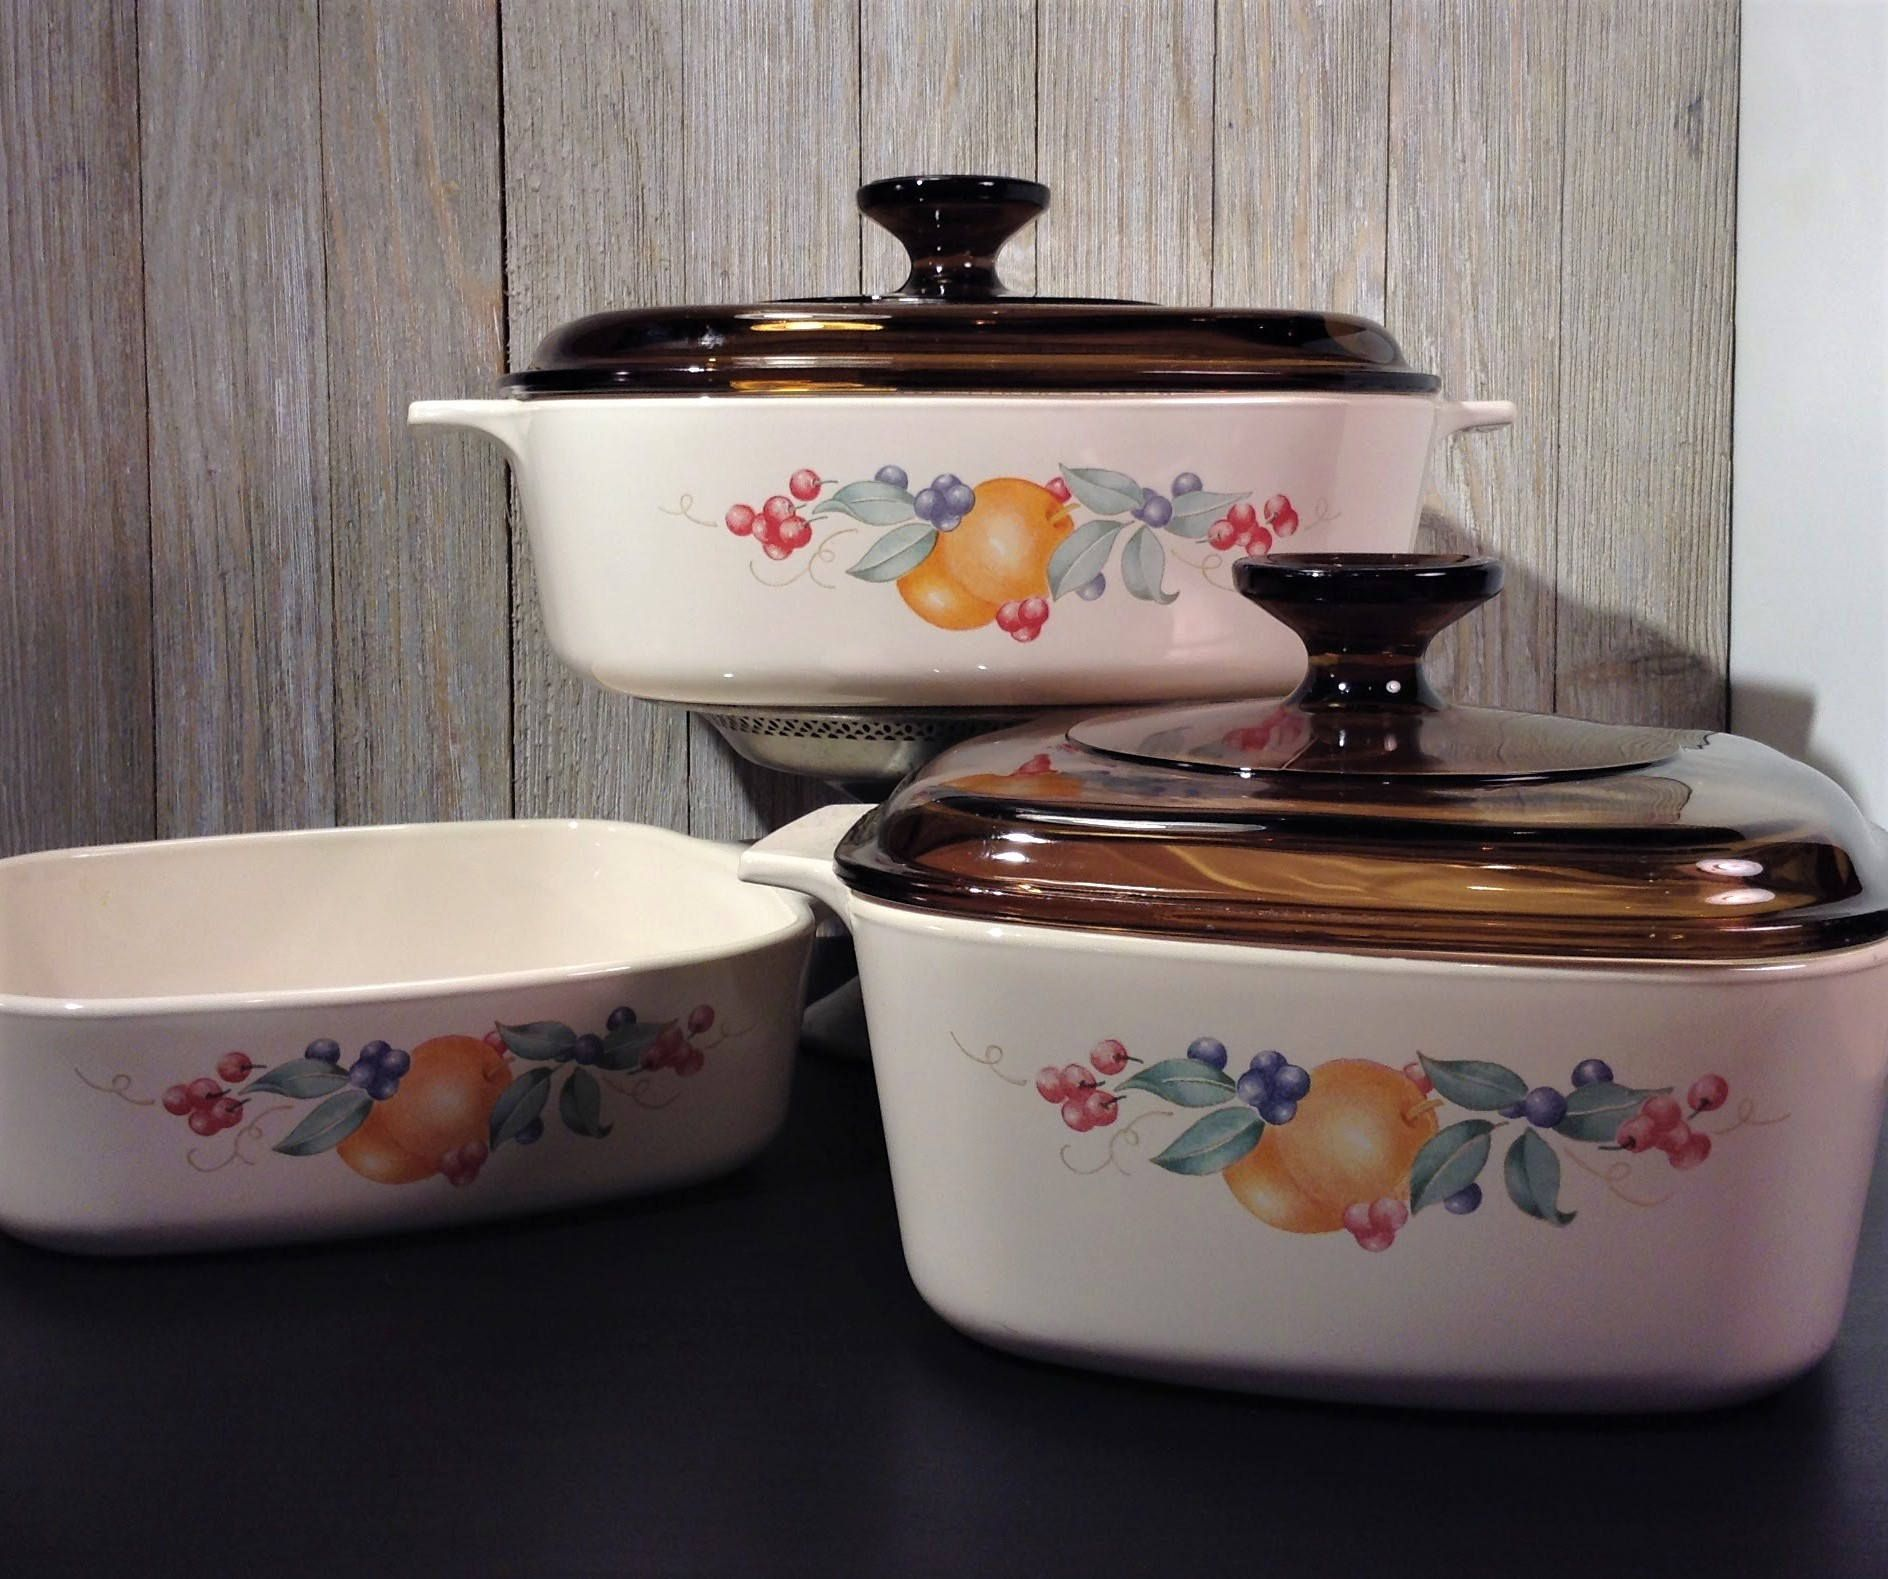 Corning Ware Casserole Dishes Abundance Set Of 3 Vintage